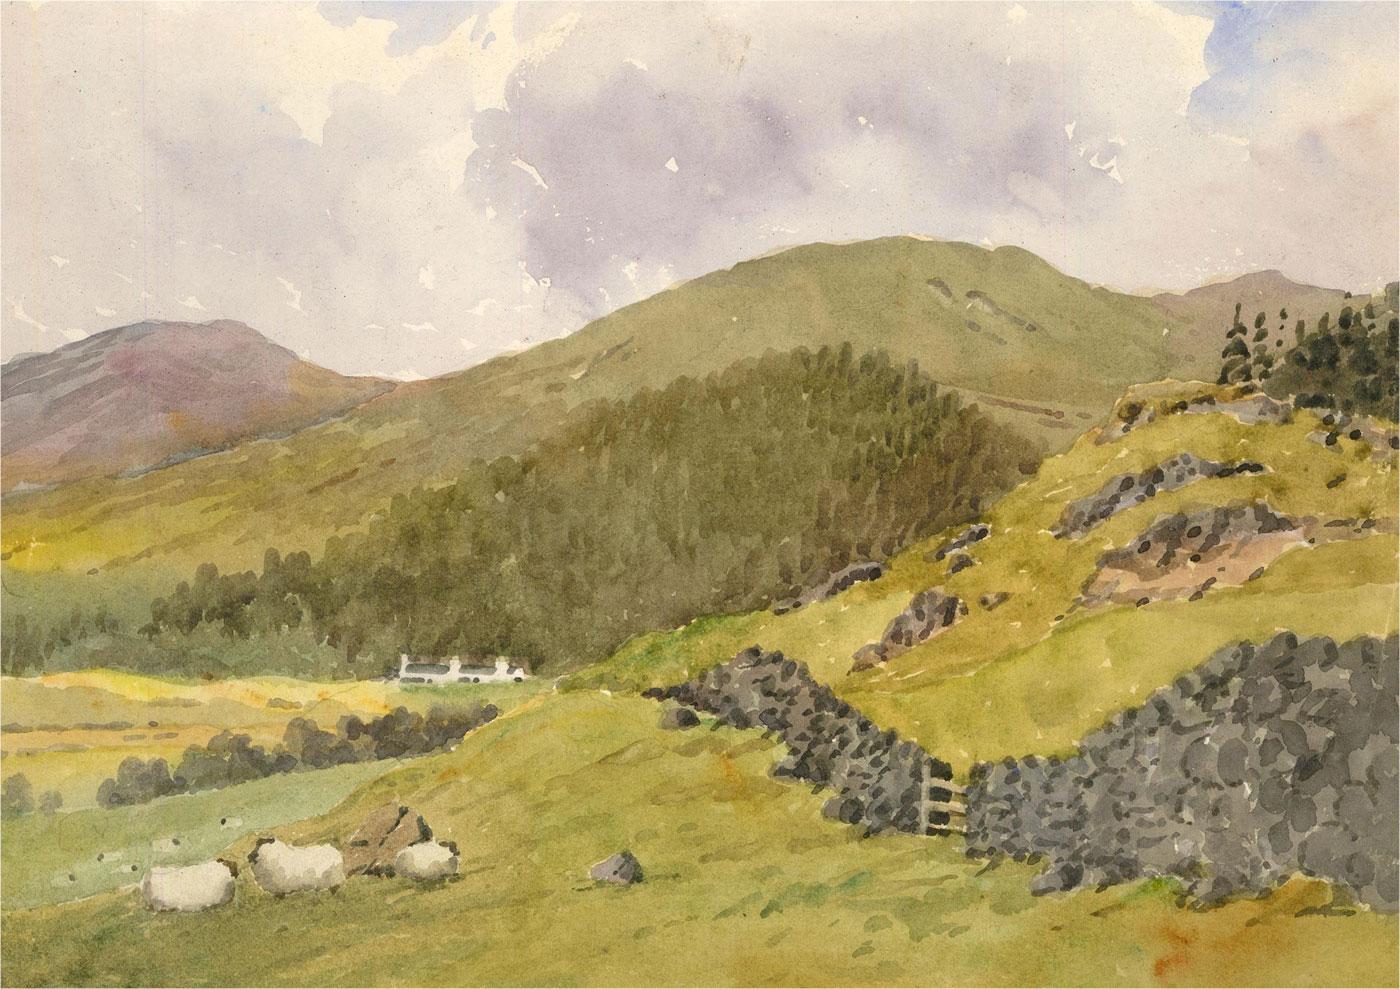 Raymond Turner Barker (1872-1945) - 1932 Watercolour, Glenshee